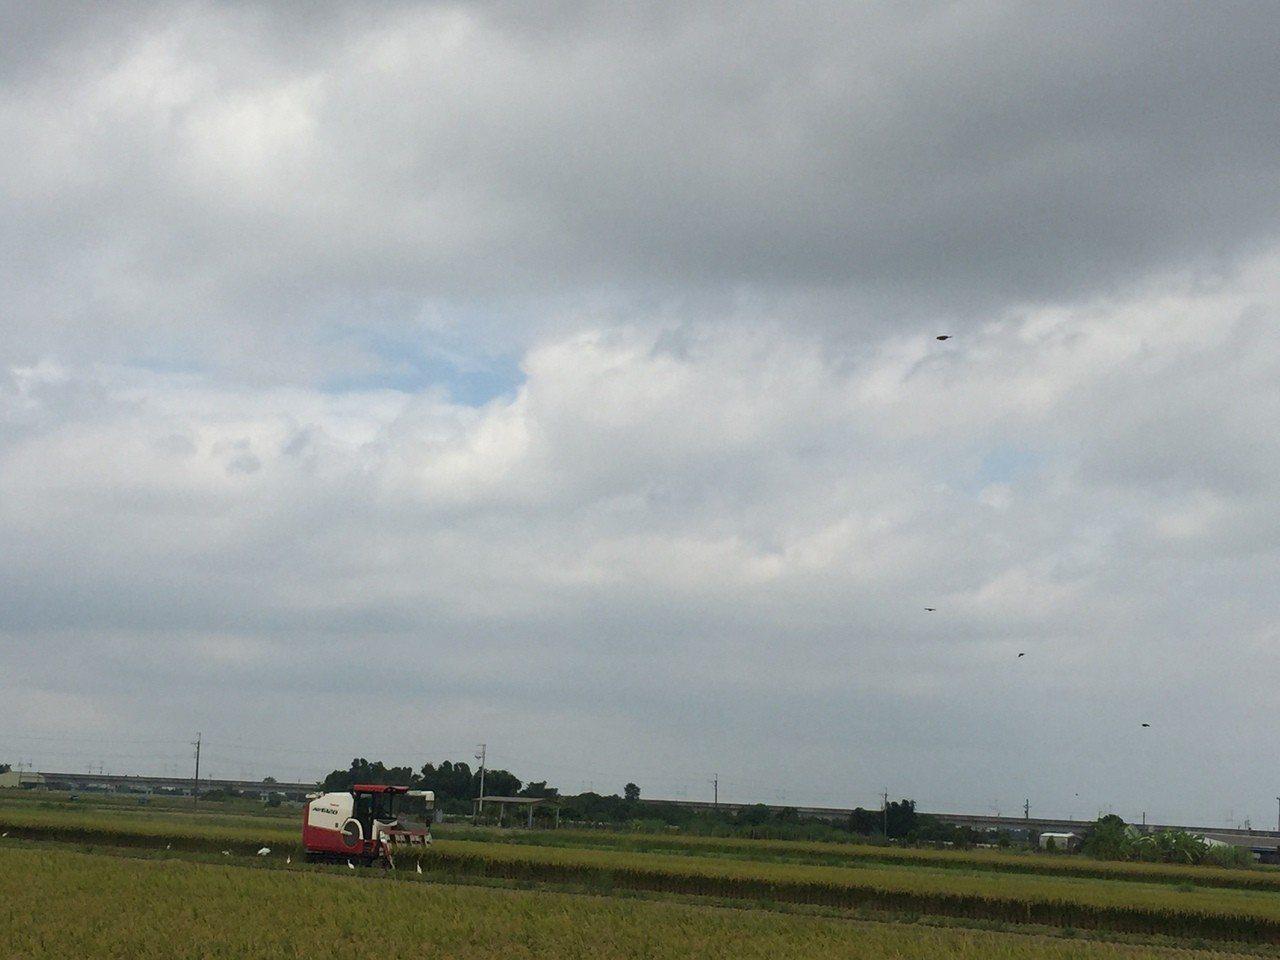 農民今天上午8點多,趁還沒下雨收割一期稻作。記者吳政修/攝影